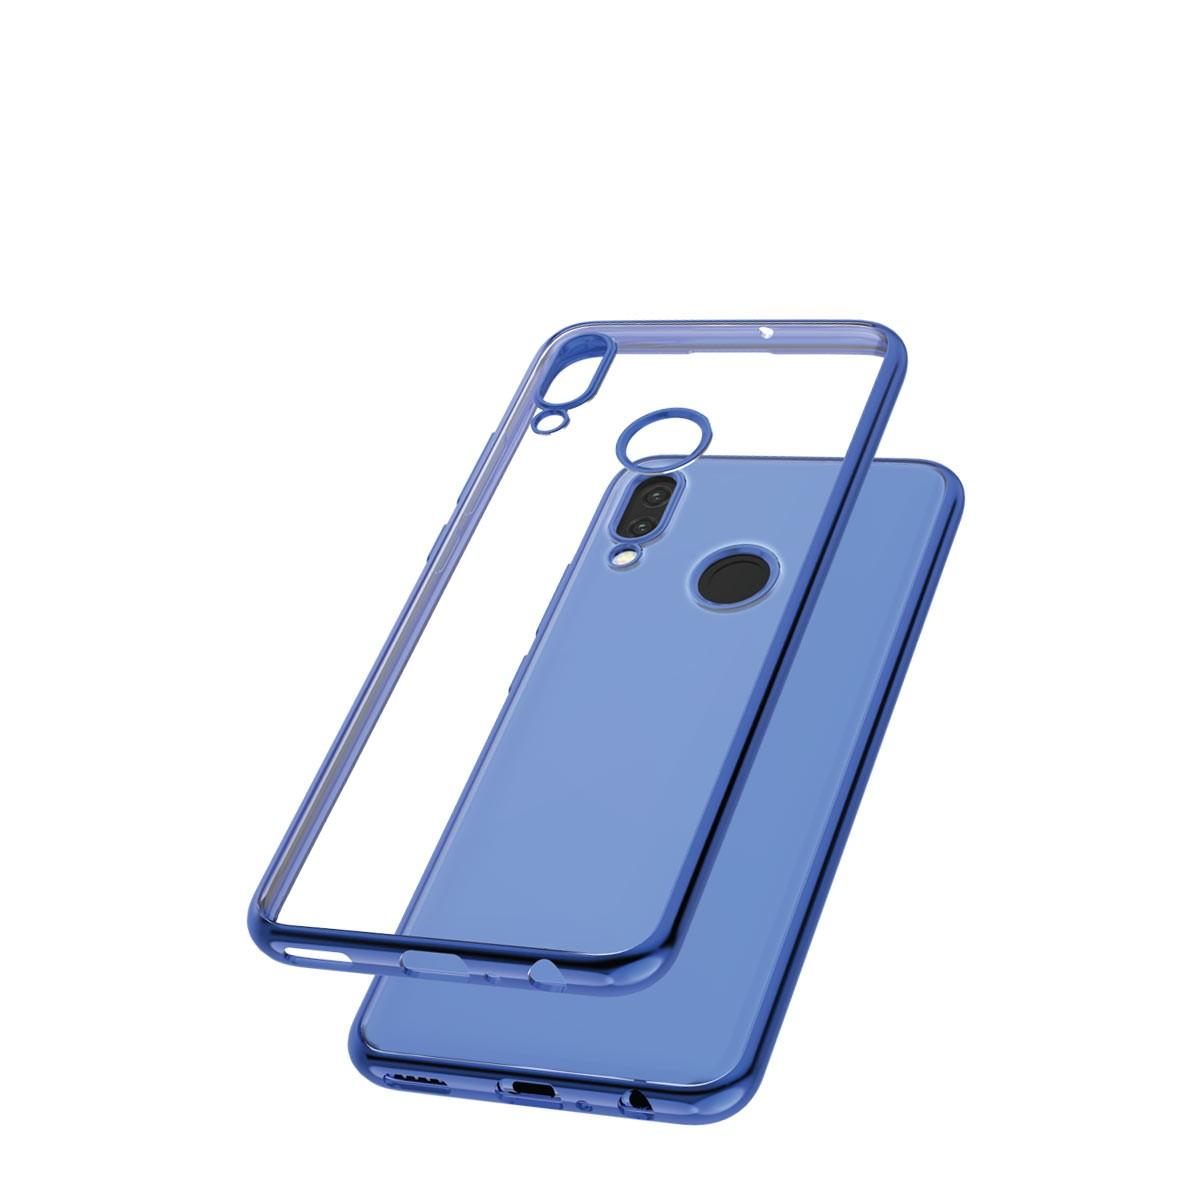 Capac protectie spate cellara colectia electro pentru huawei p smart 2019 - albastru